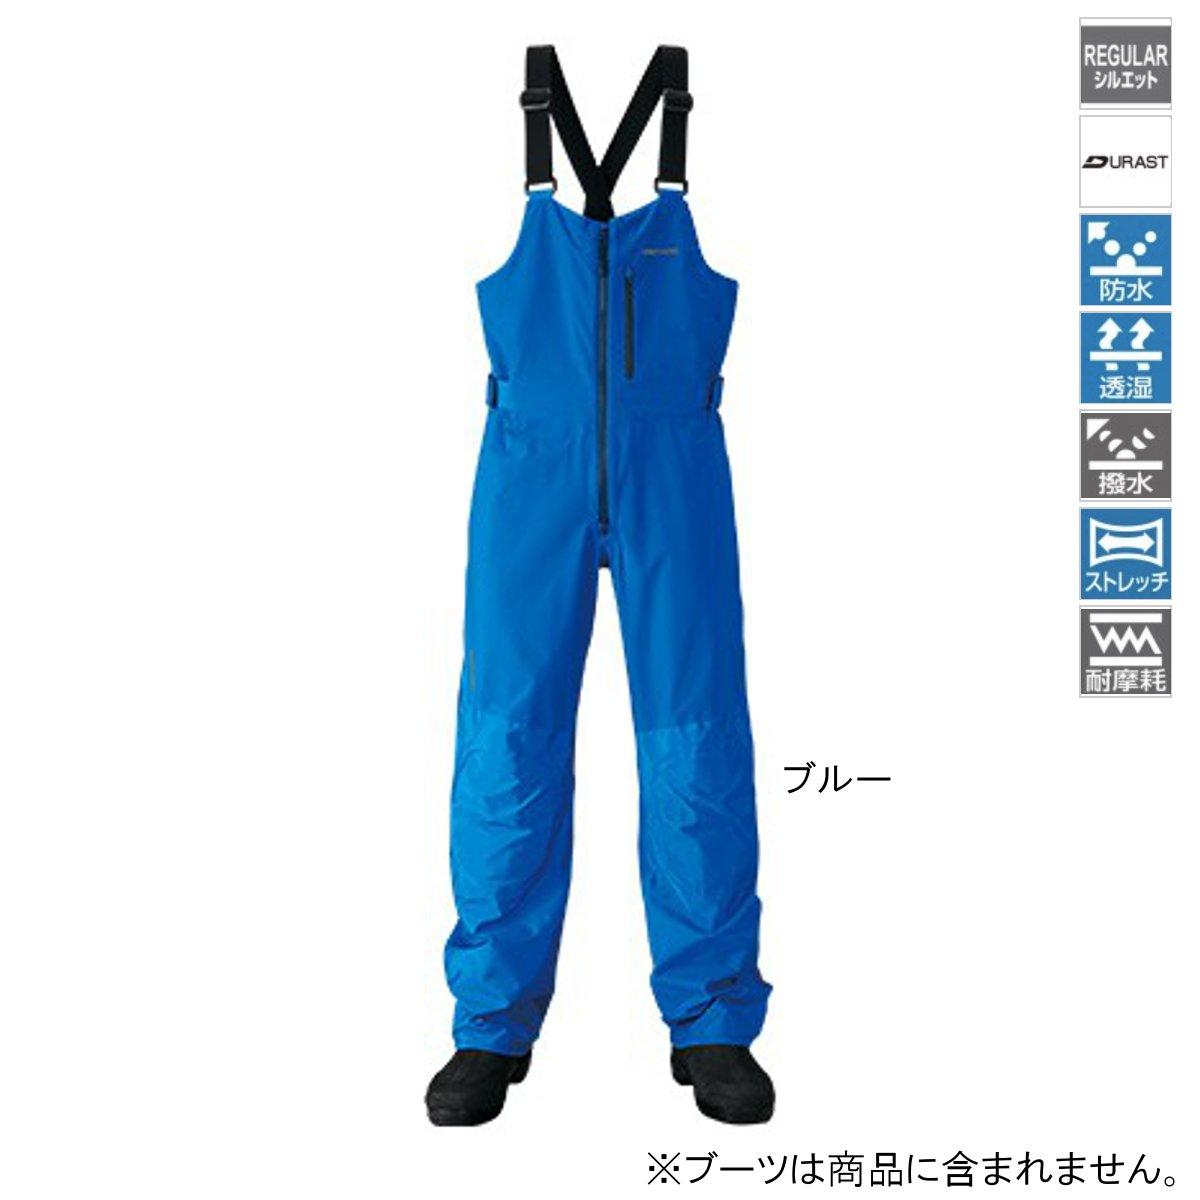 シマノ XEFO DURASTレインビブ RA-26PS XL ブルー